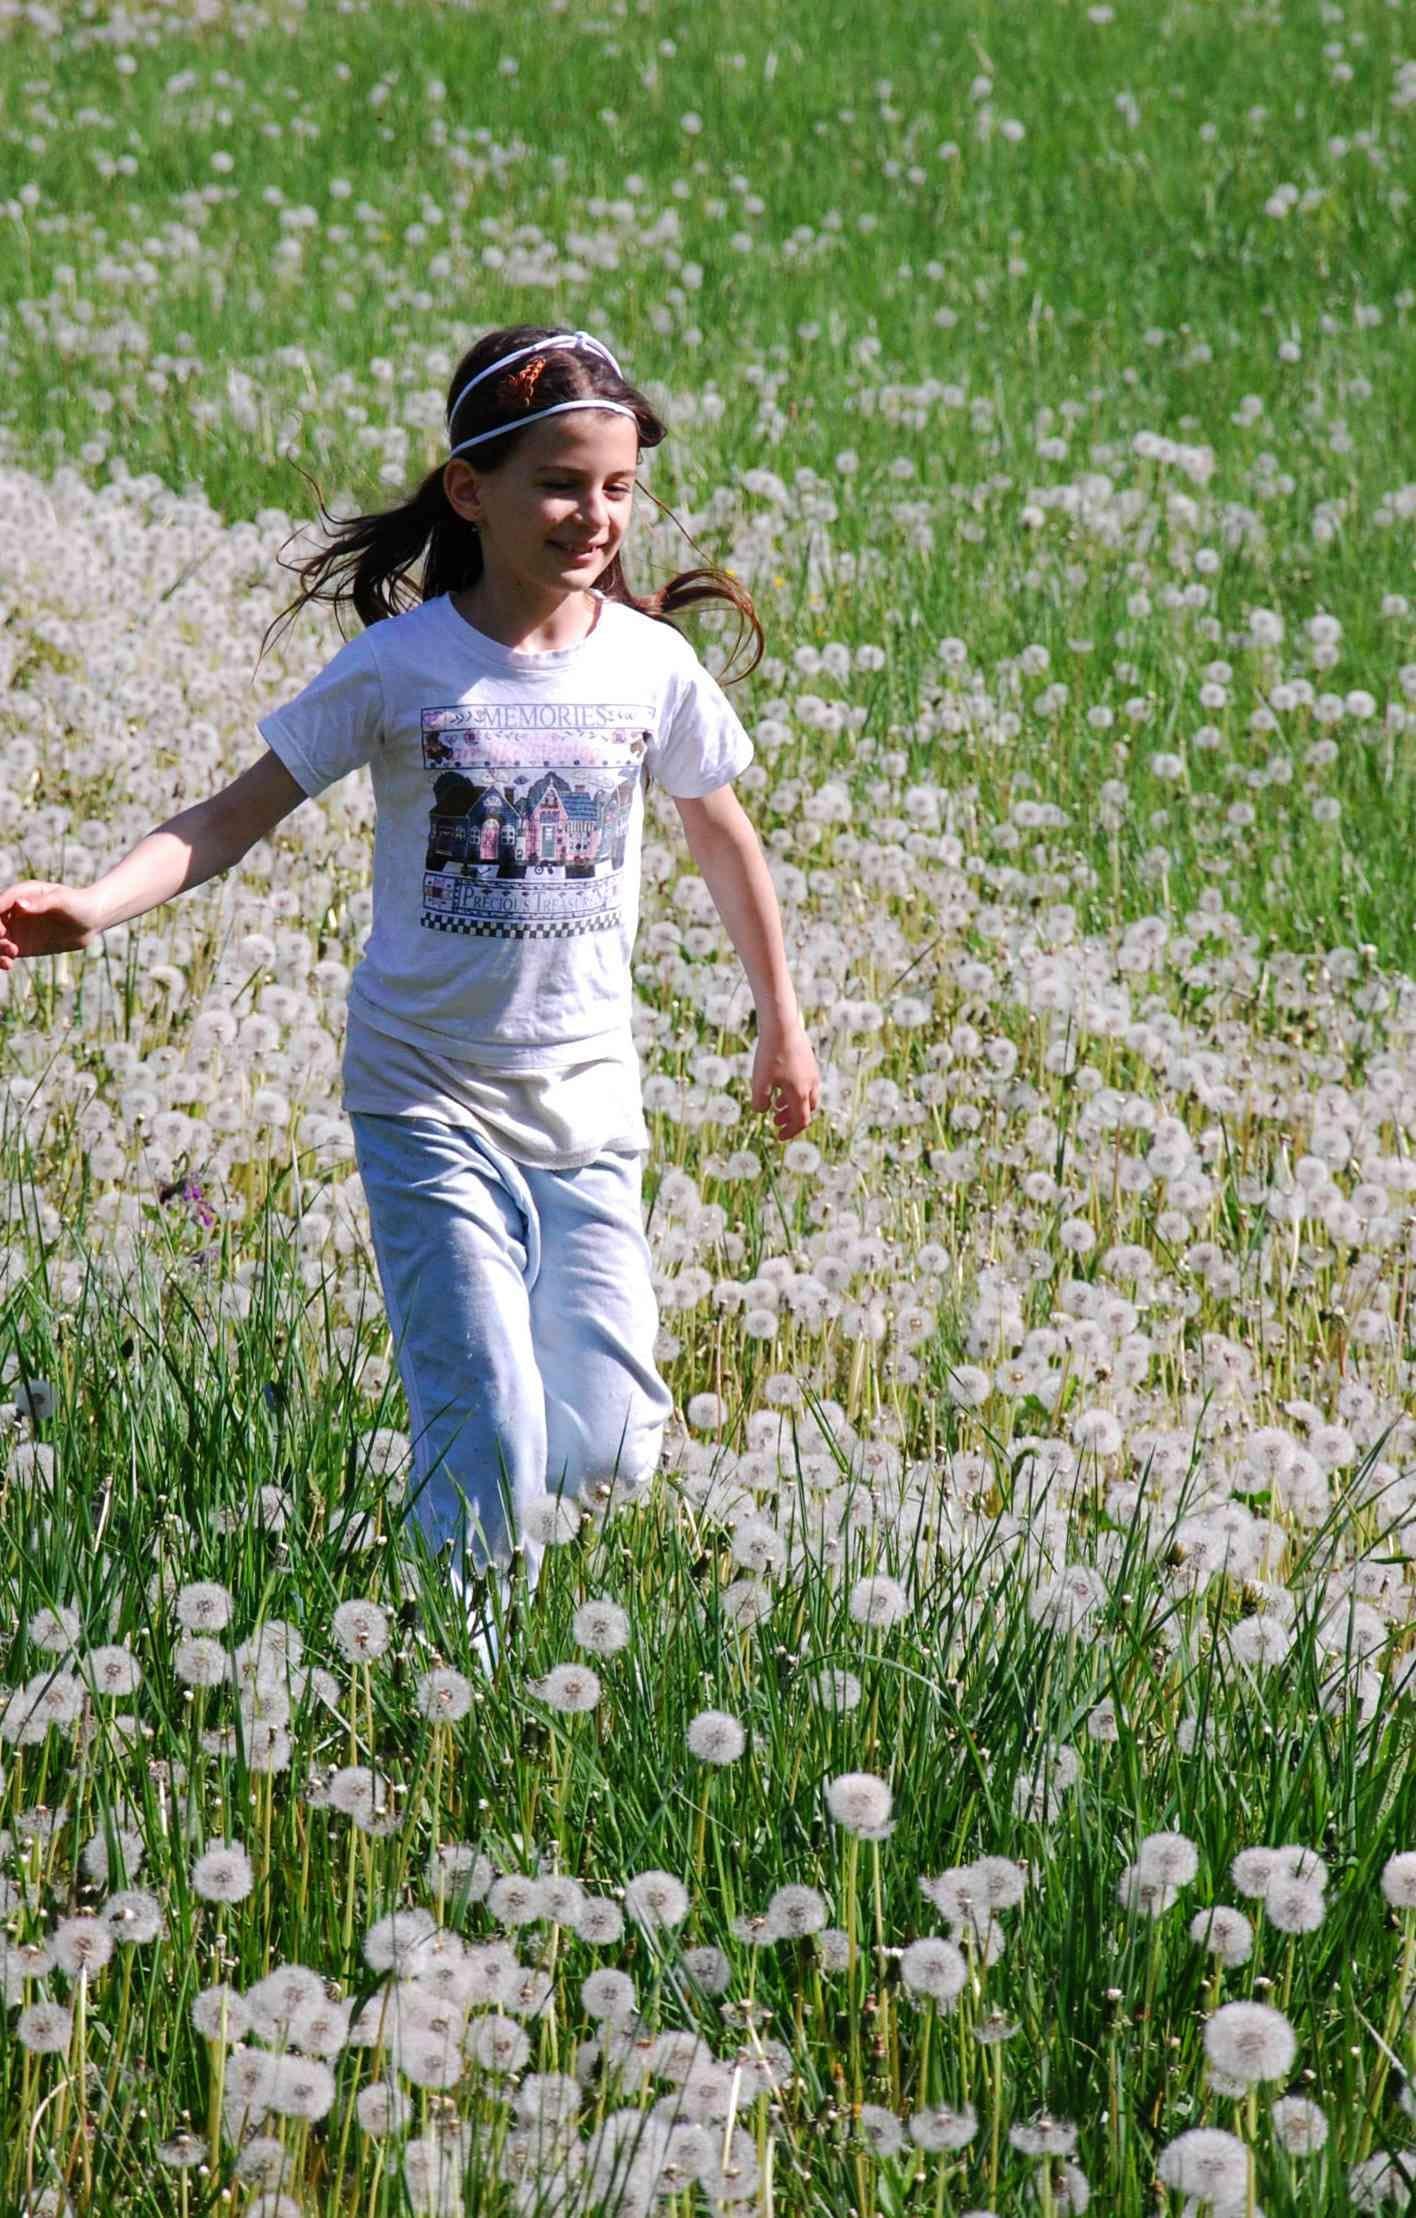 Girl Standing on White Petaled Flowers